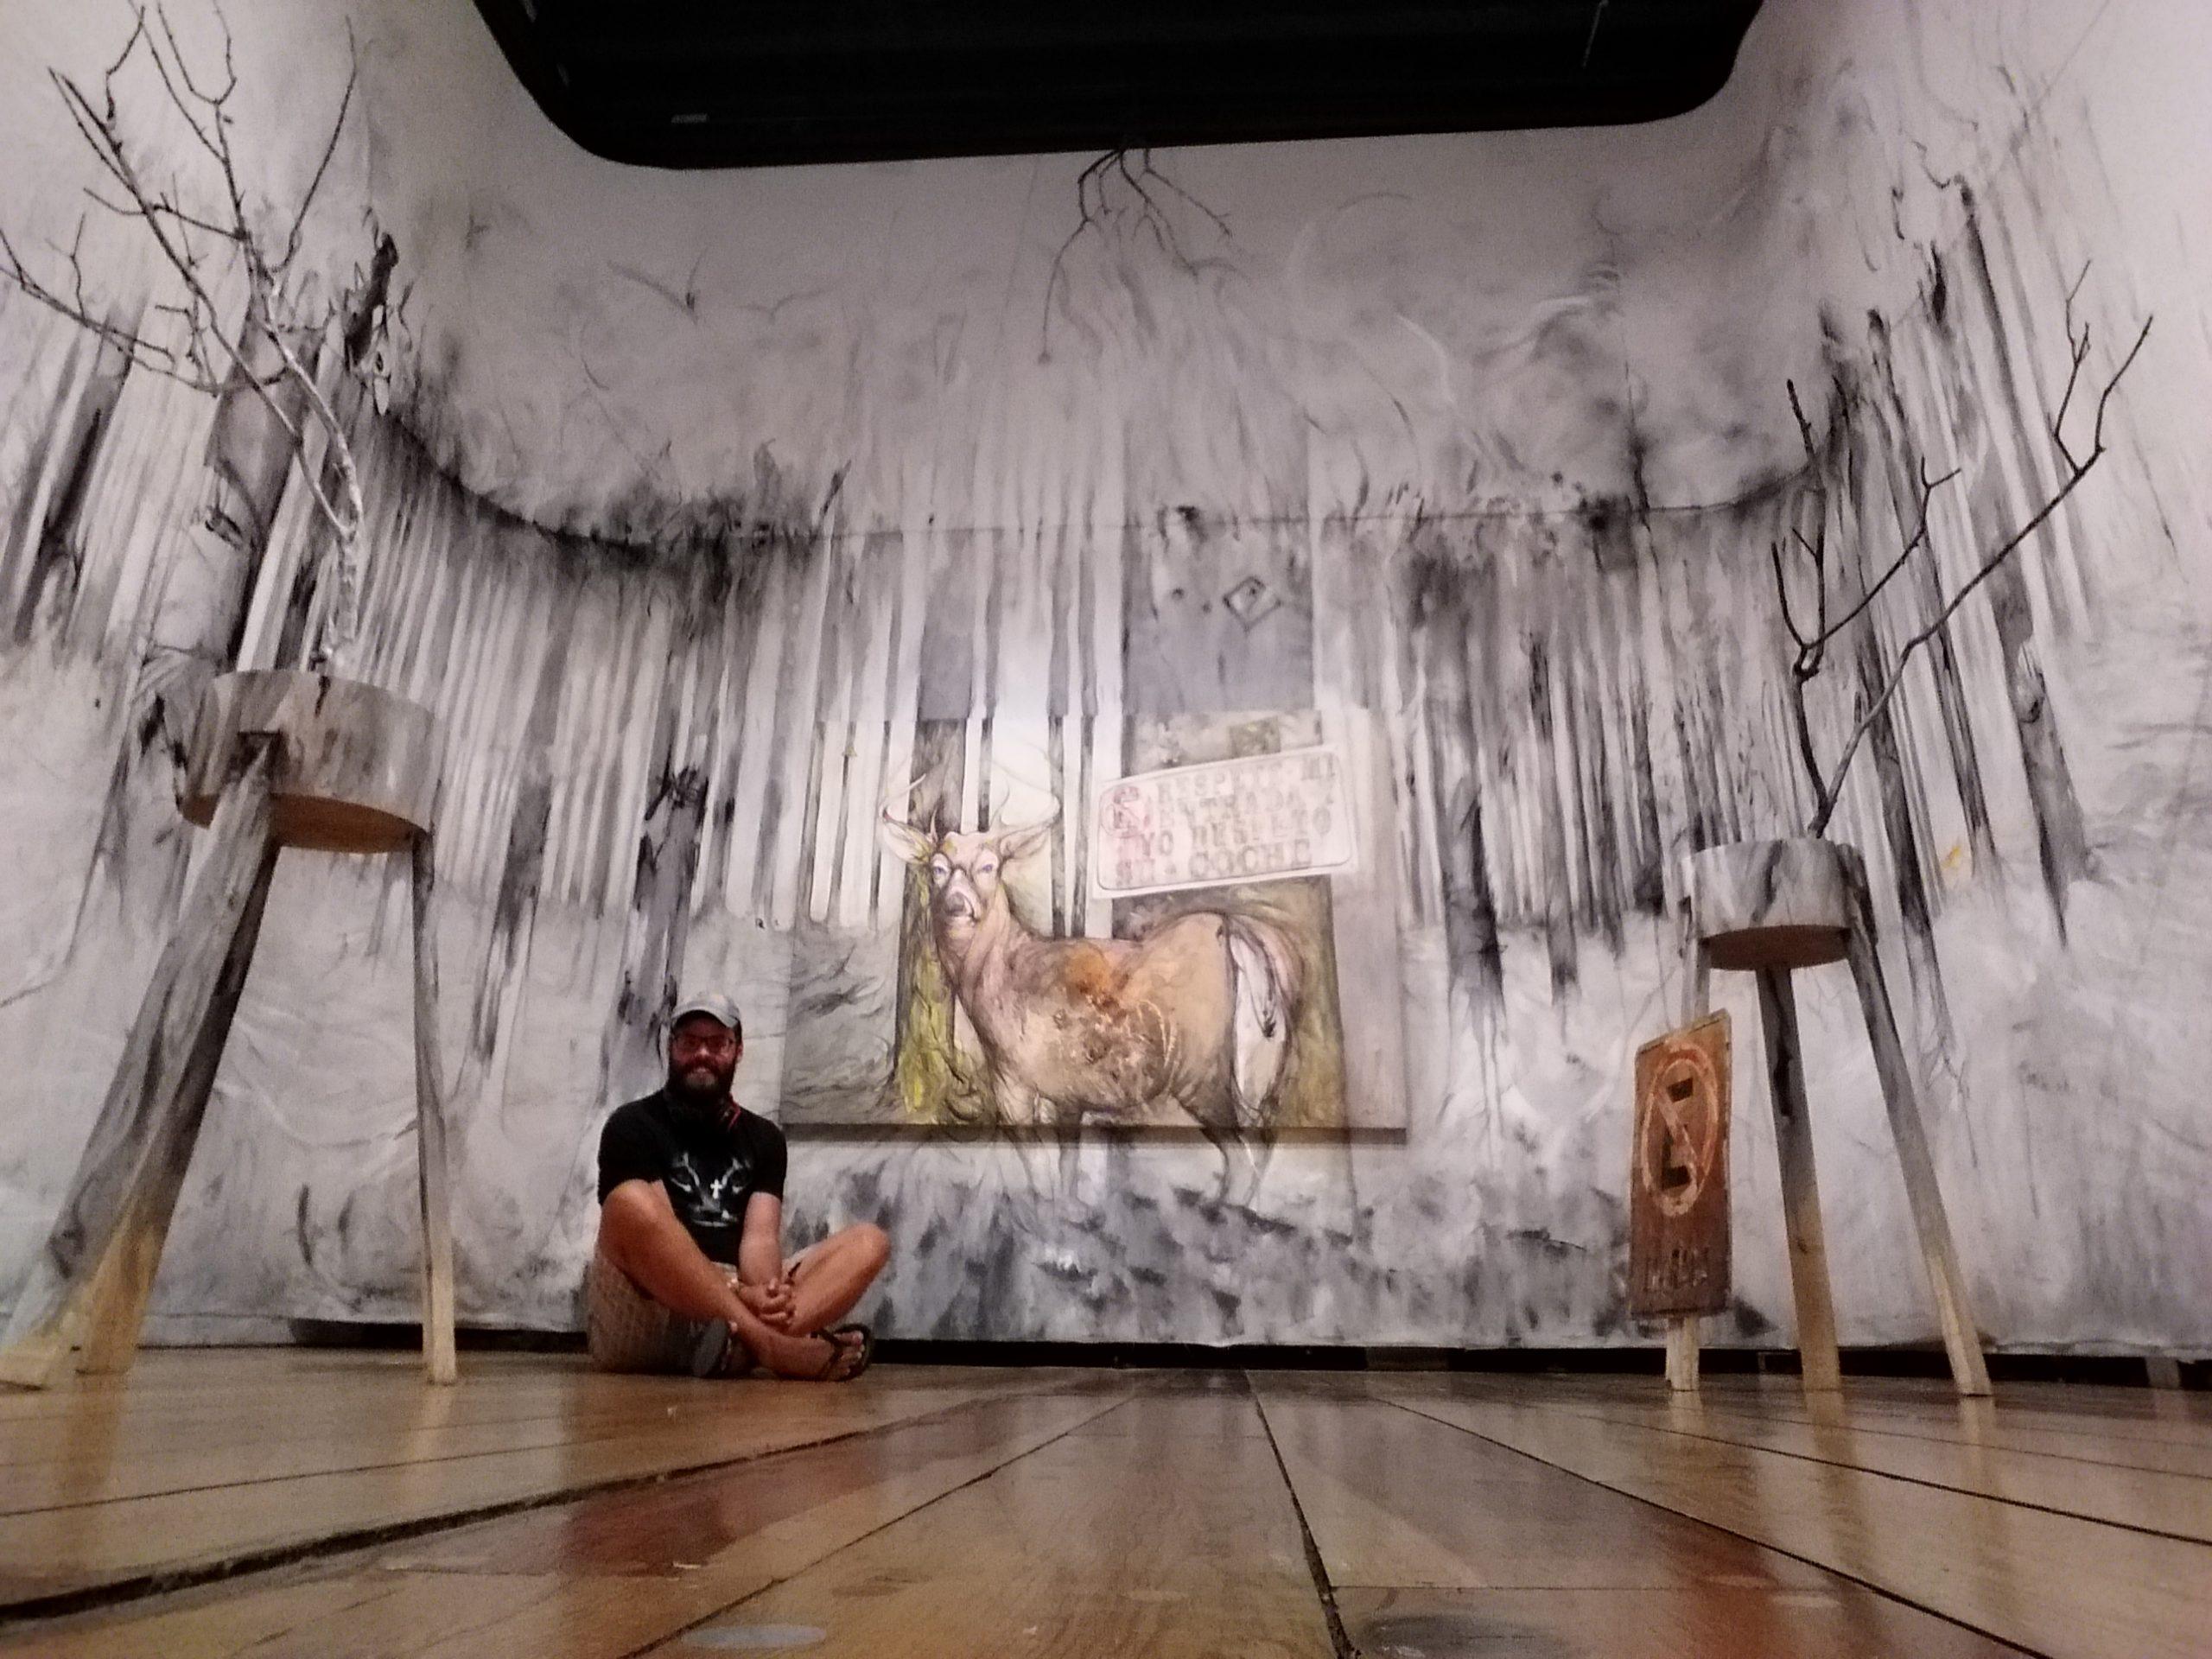 Oeuvre dans le musée de la ciudad de mexico